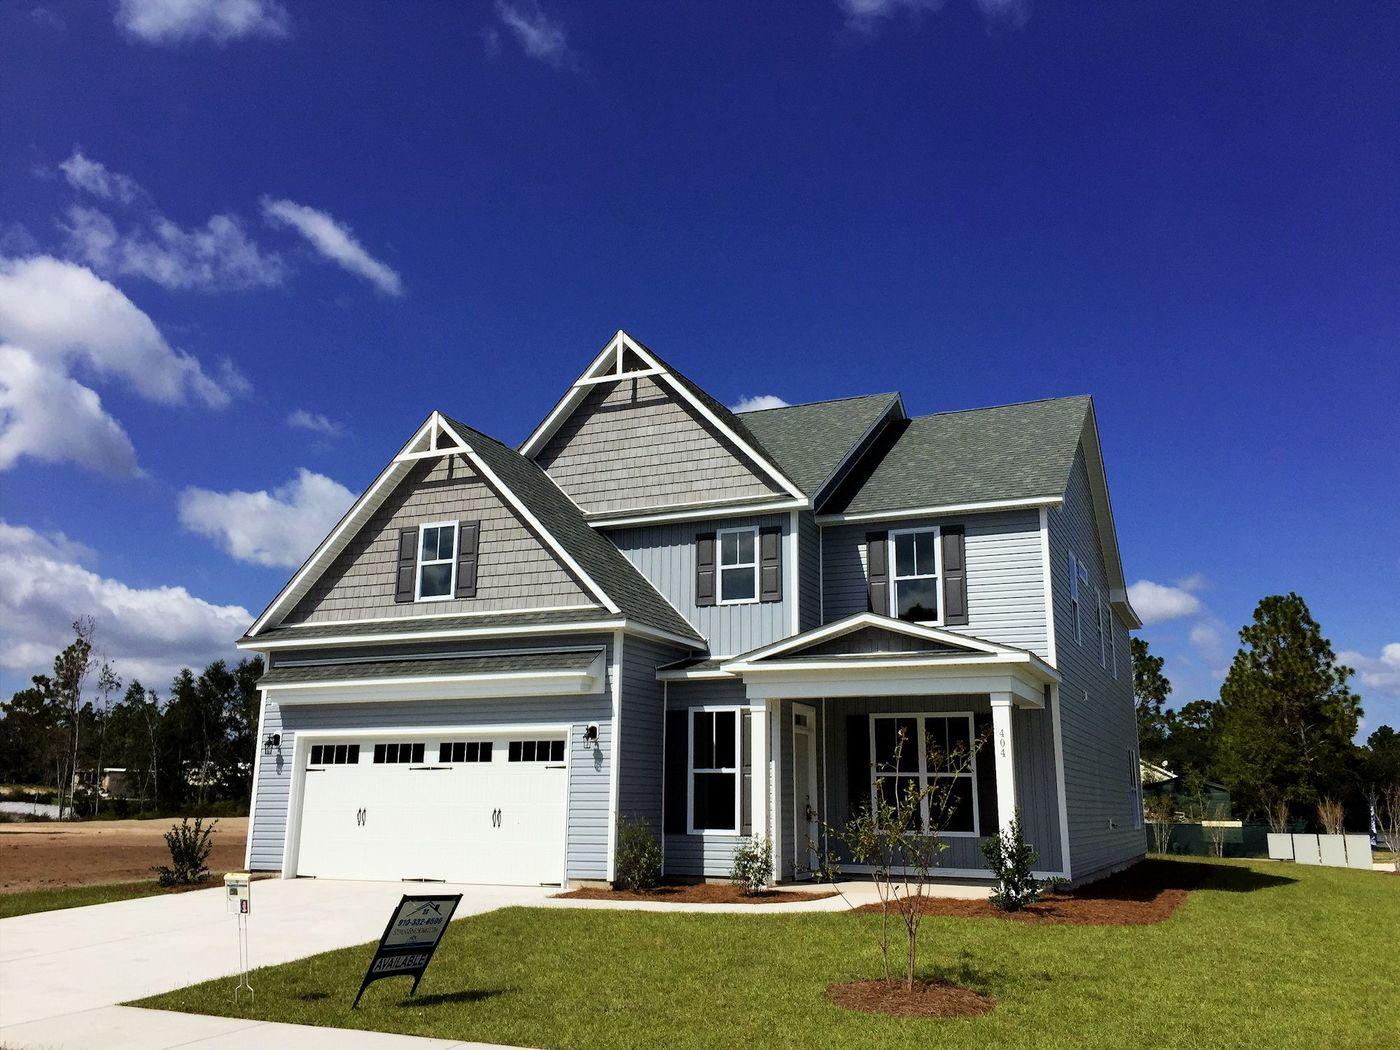 Roundtree Ridge - Example Home